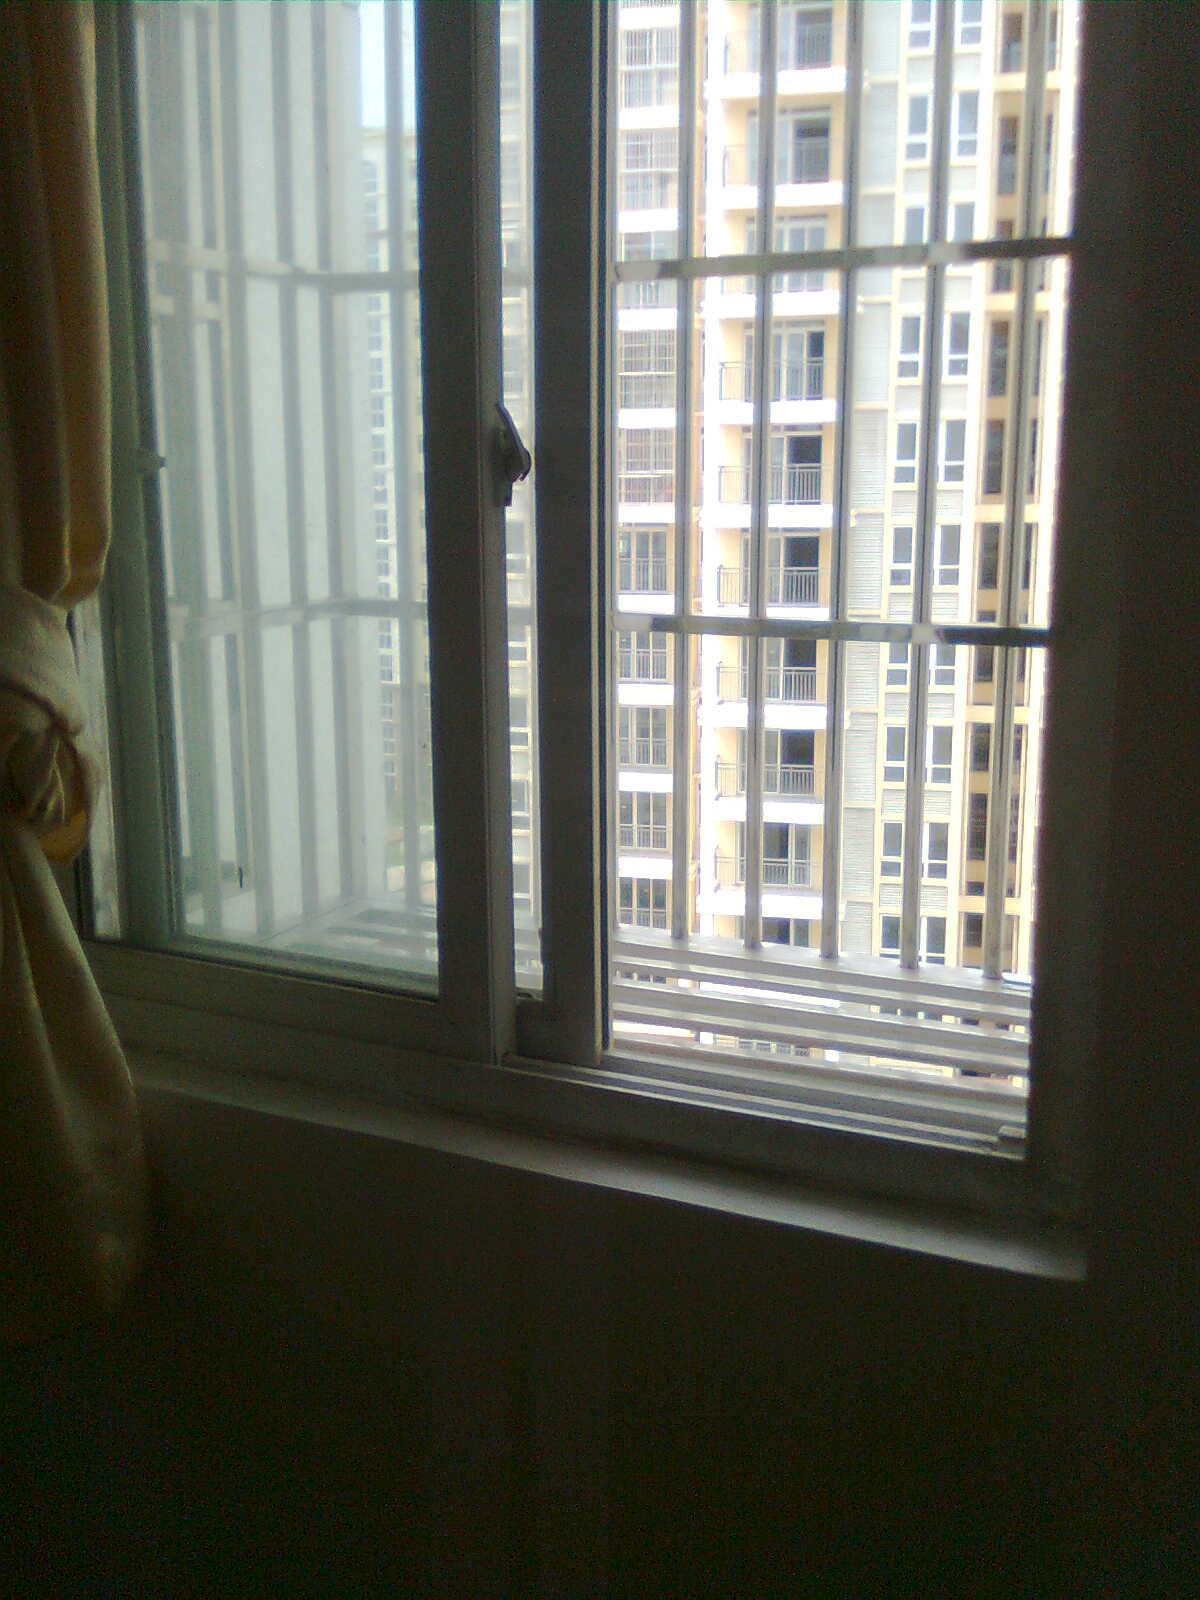 金桥小区 电梯房10楼 78平方 两室一厅 全新装修 配有图片